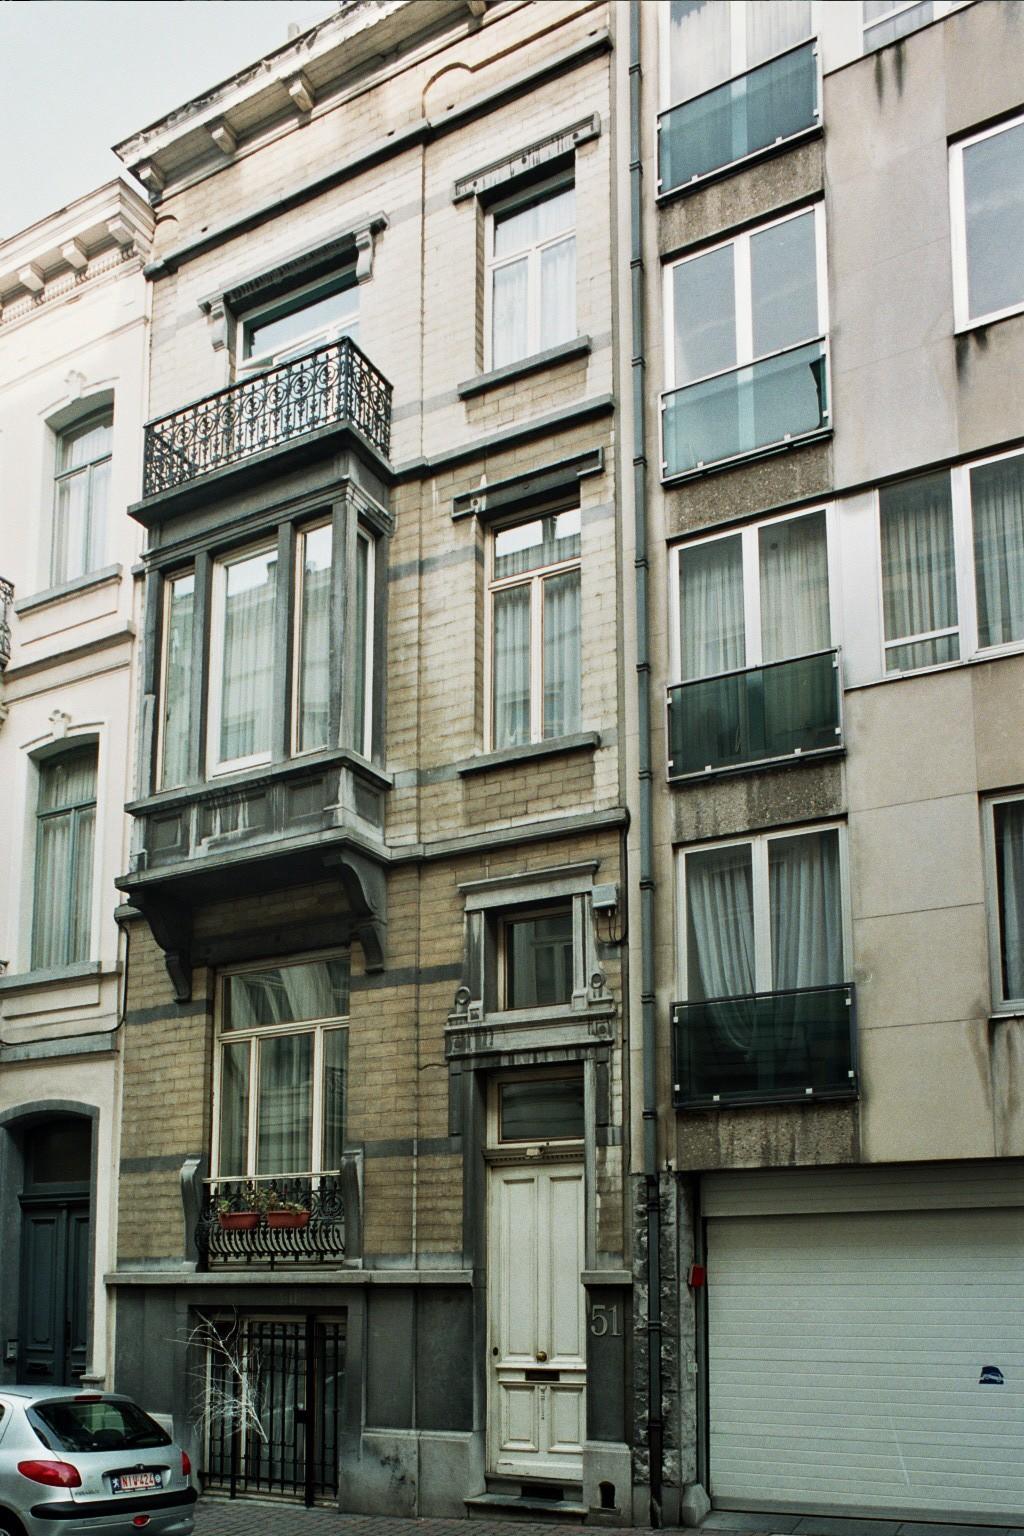 Rue Bosquet 51., 2004